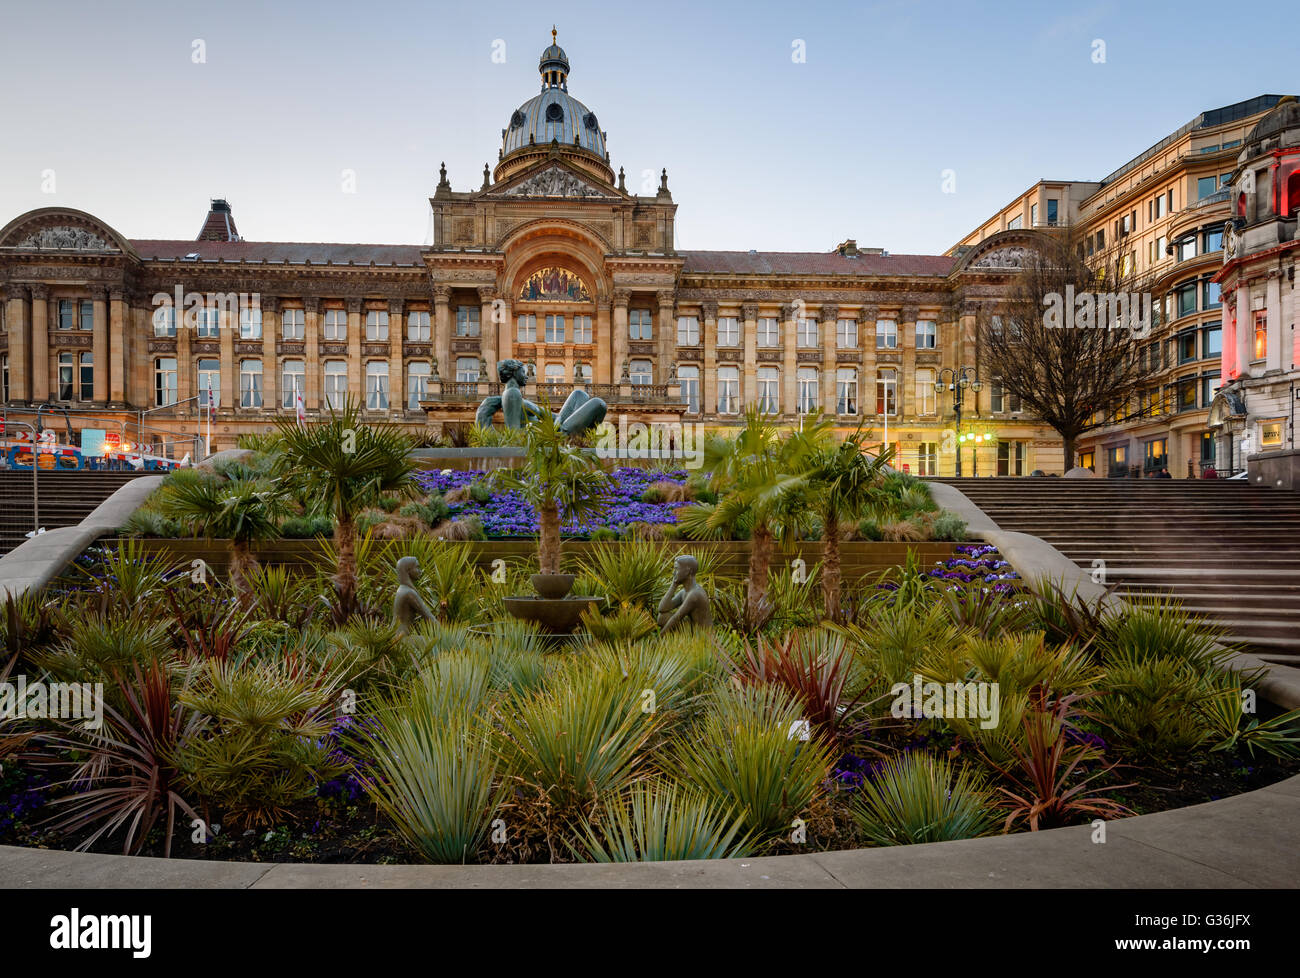 Le premier des hôtels de ville monumentale, qui marquera l'les villes de l'Angleterre Victorienne, Photo Stock